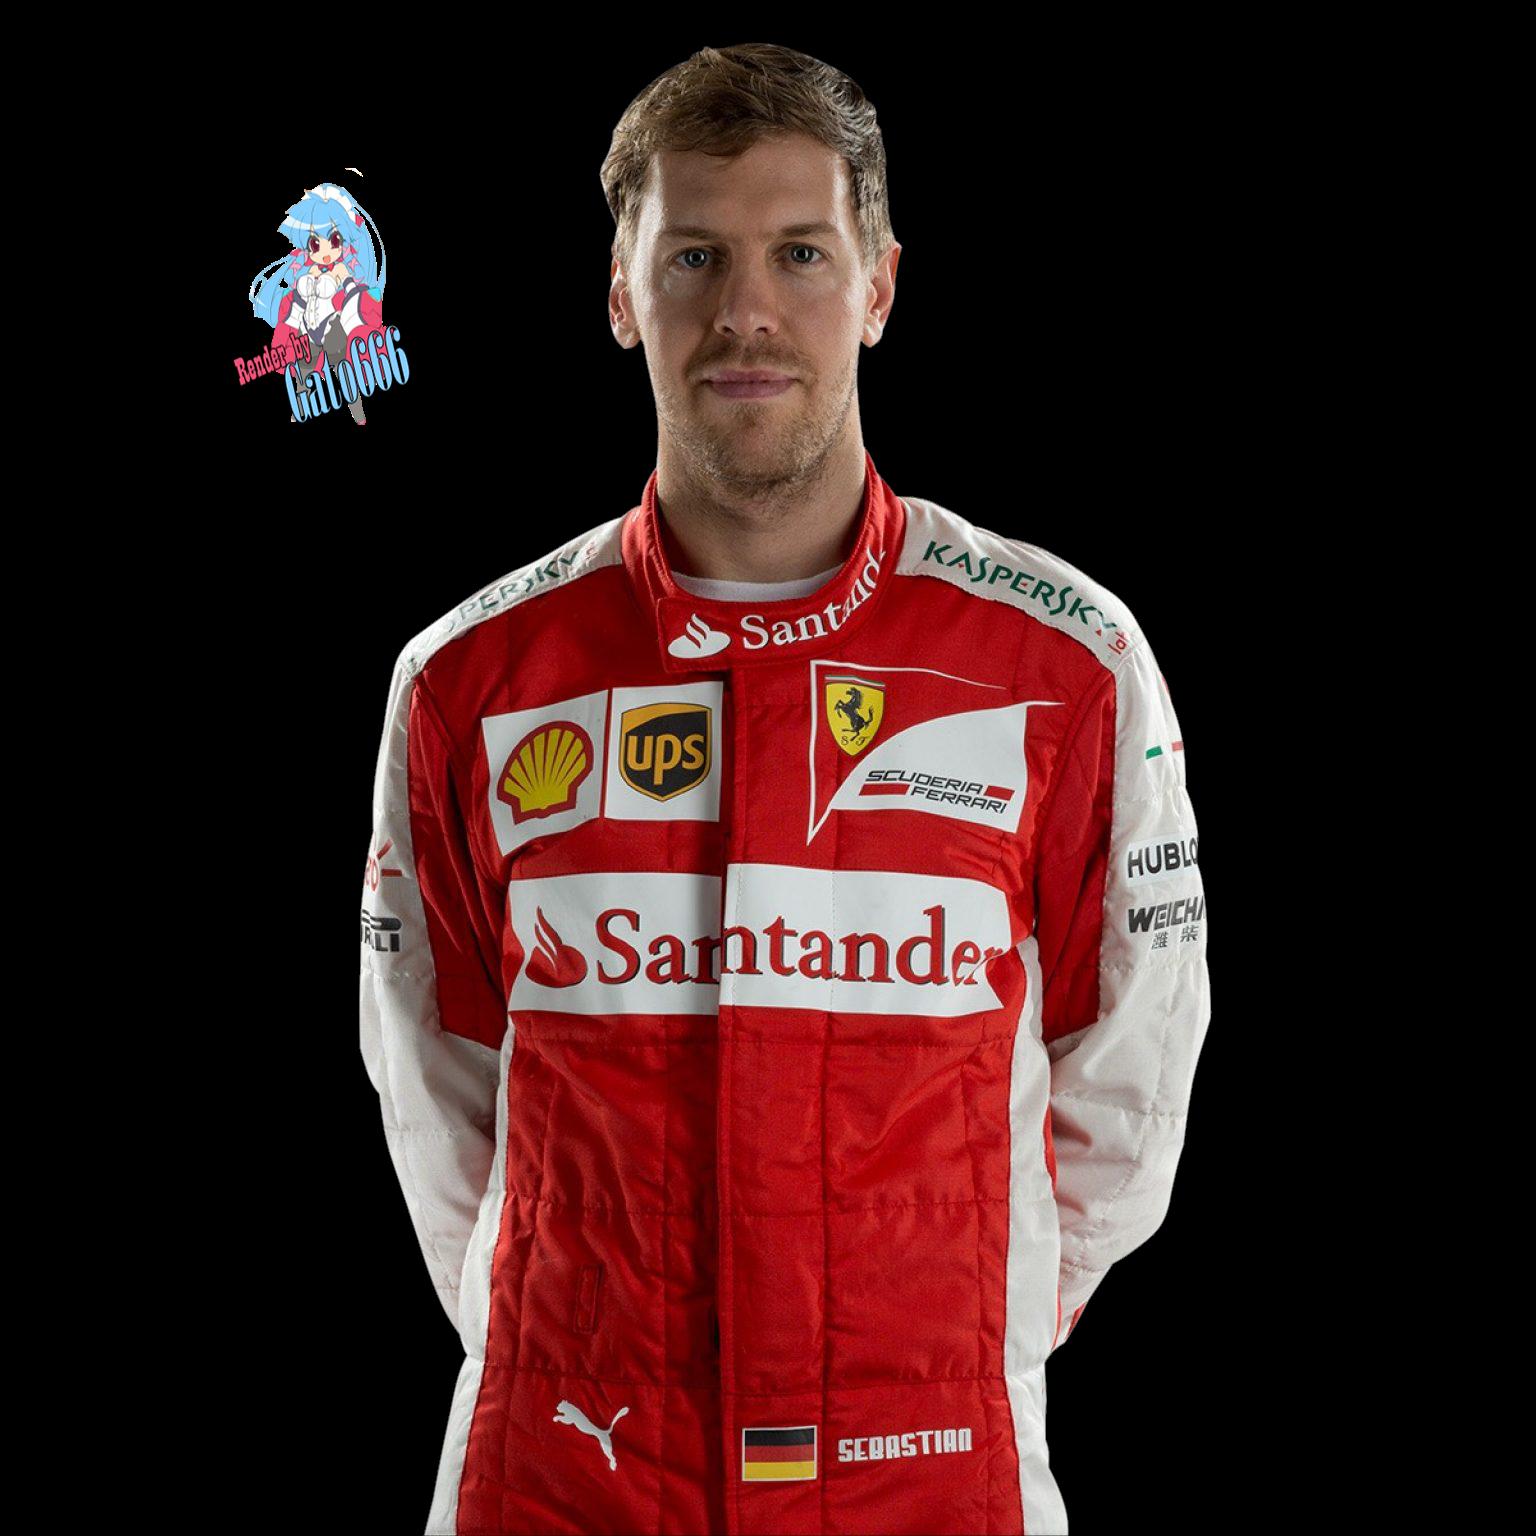 Sebastian Vettel - F3rrari 2015 - Gato666